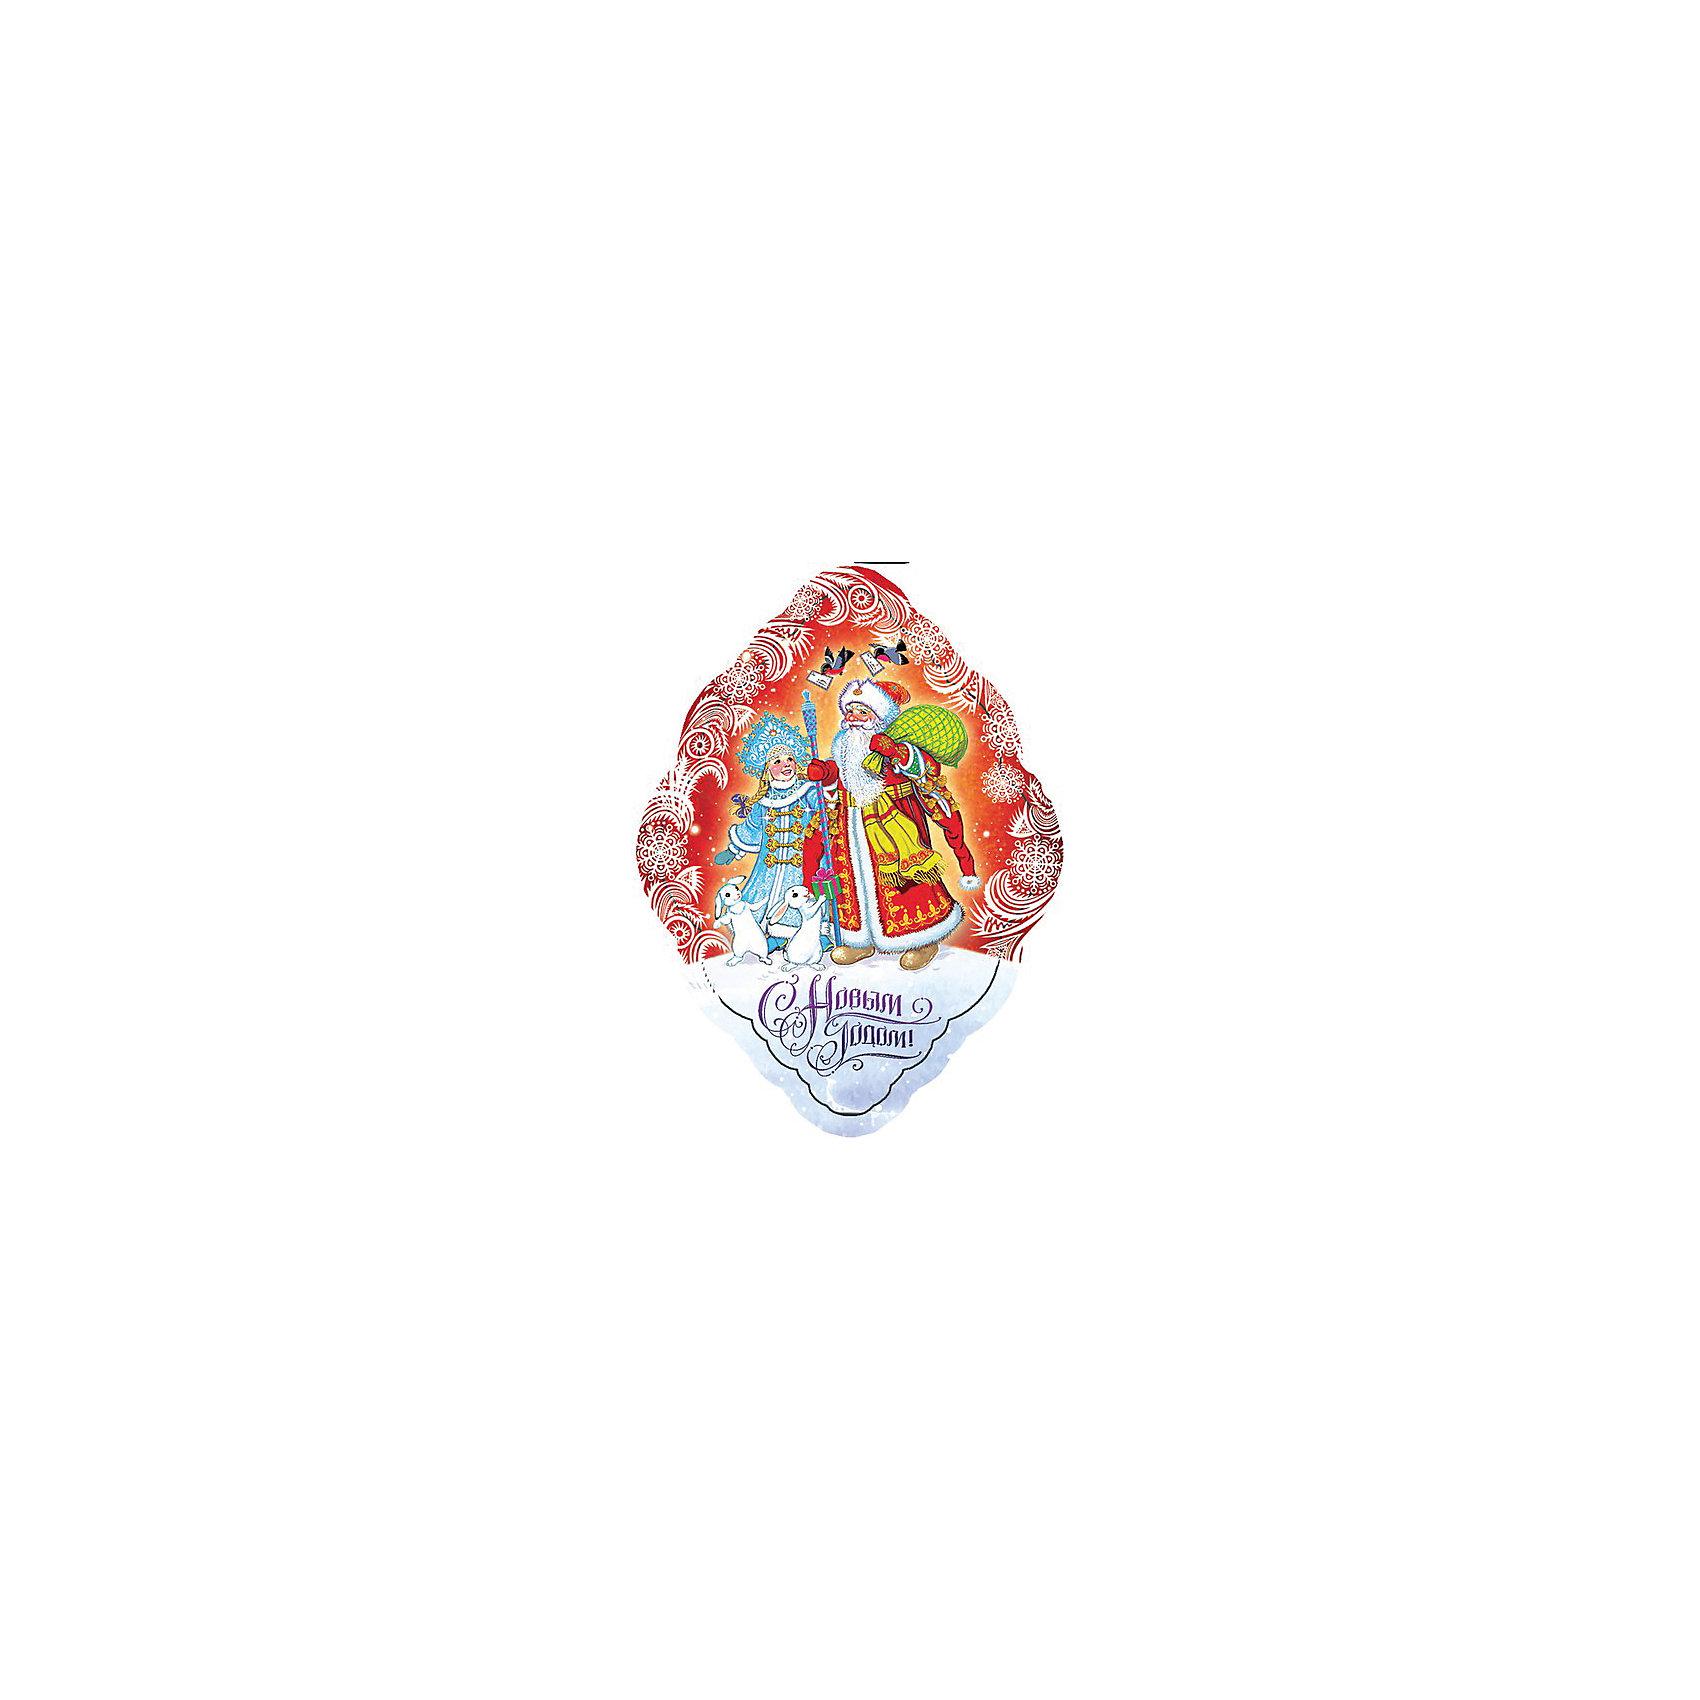 Магнит Дед Мороз, Снегурочка и зайчикиНовогодние сувениры<br>Яркий магнит с новогодней символикой - прекрасный вариант для праздничного сувенира. Магнит можно прикрепить на любую металлическую поверхность, он всегда будет радовать, напоминая о веселом и таком долгожданном для всех празднике! <br><br>Дополнительная информация:<br><br>- Материал: агломерированный феррит. <br>- Размер: 5,1х7 см.<br>- Яркий привлекательный дизайн. <br><br>Новогодний магнит Дед Мороз, Снегурочка и зайчики можно купить в нашем магазине.<br><br>Ширина мм: 100<br>Глубина мм: 100<br>Высота мм: 10<br>Вес г: 260<br>Возраст от месяцев: 36<br>Возраст до месяцев: 2147483647<br>Пол: Унисекс<br>Возраст: Детский<br>SKU: 4981315